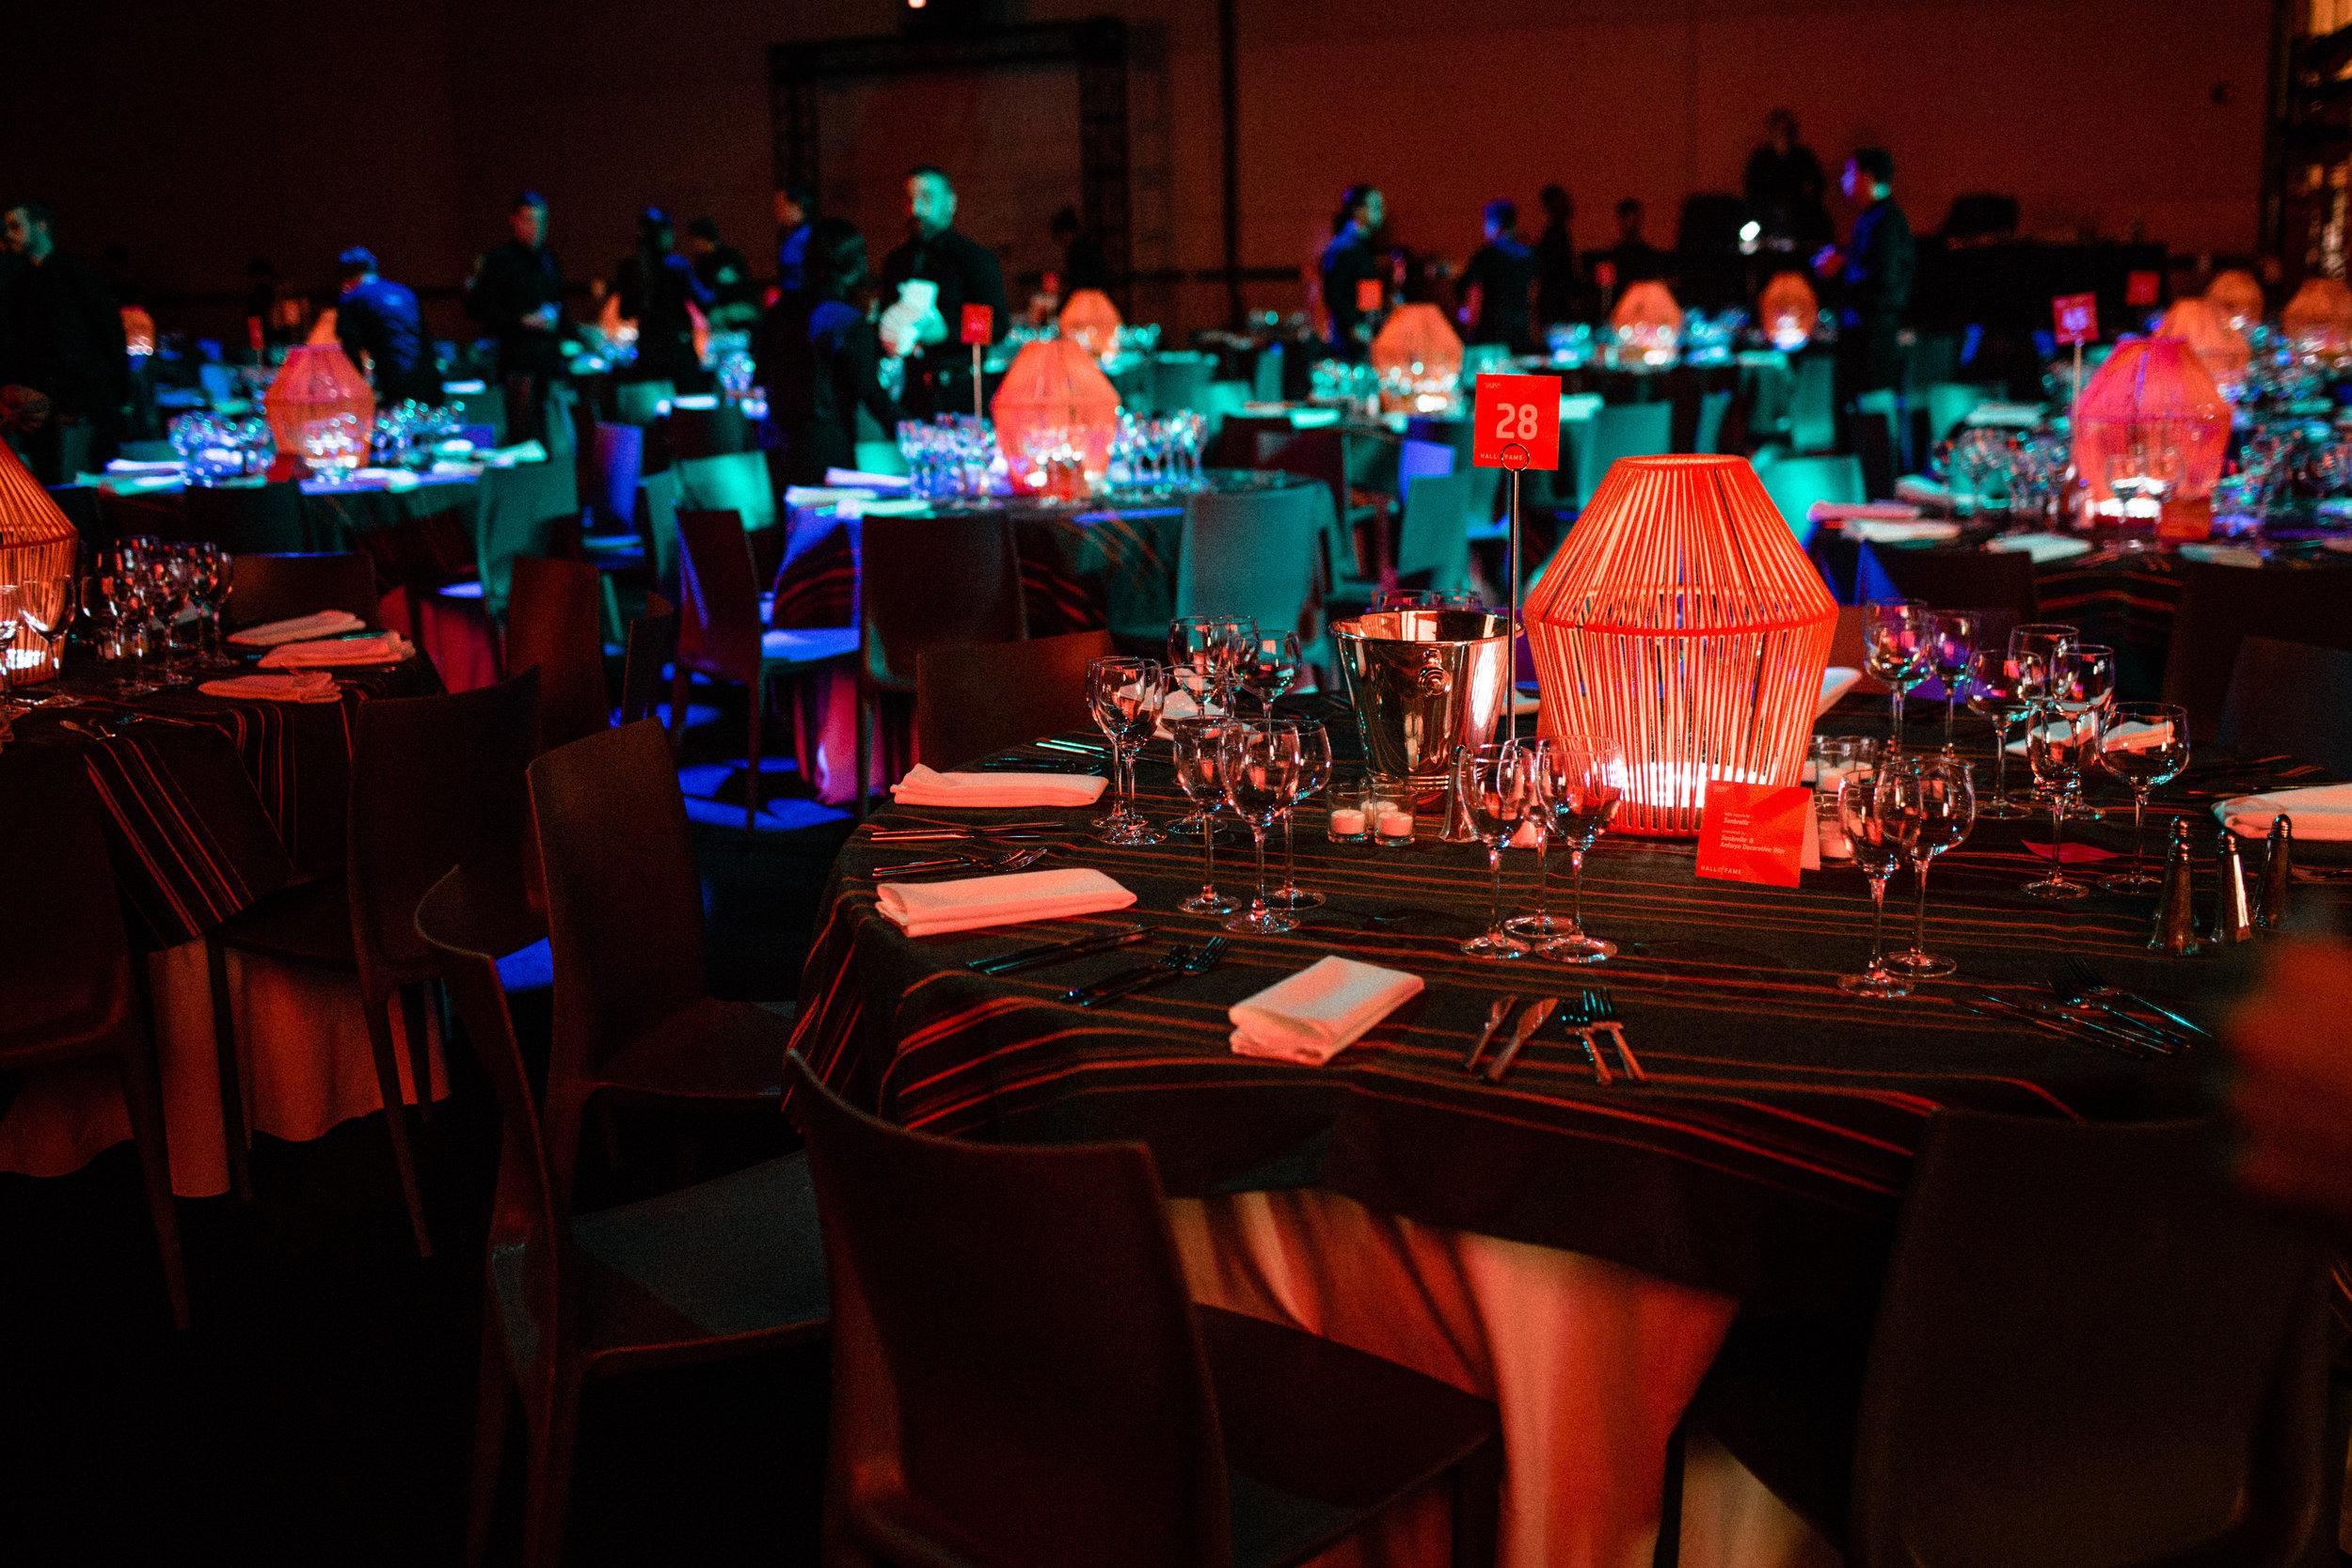 Banquet table top TF 8Y1C9281.jpg